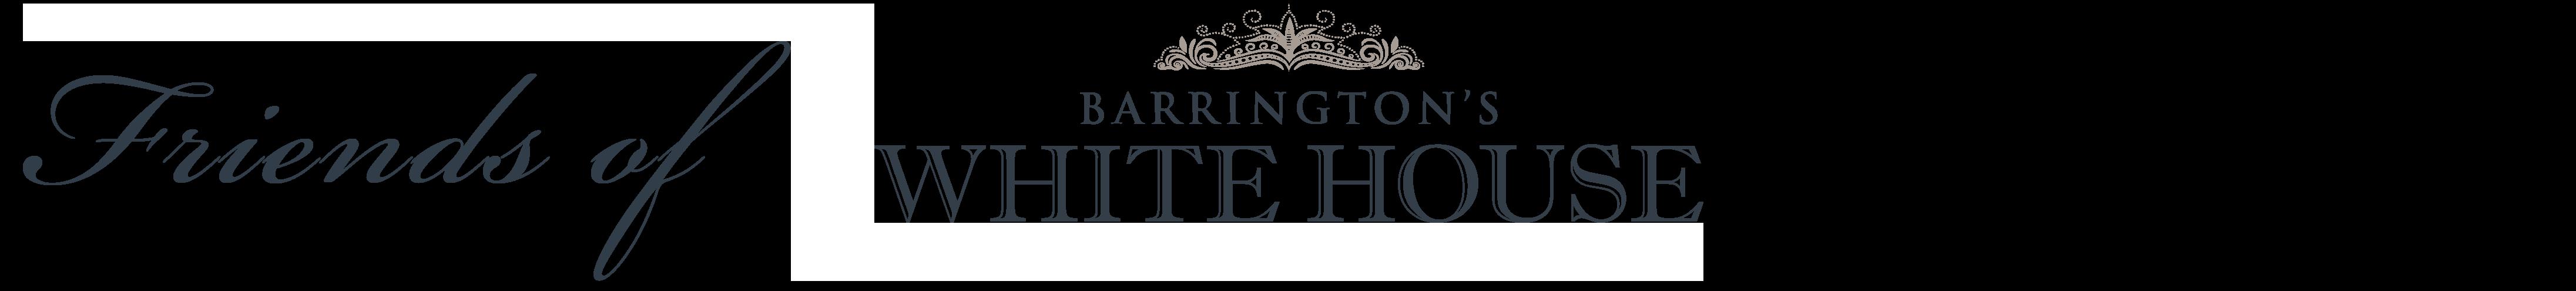 Friends of Barrington's White House Logo